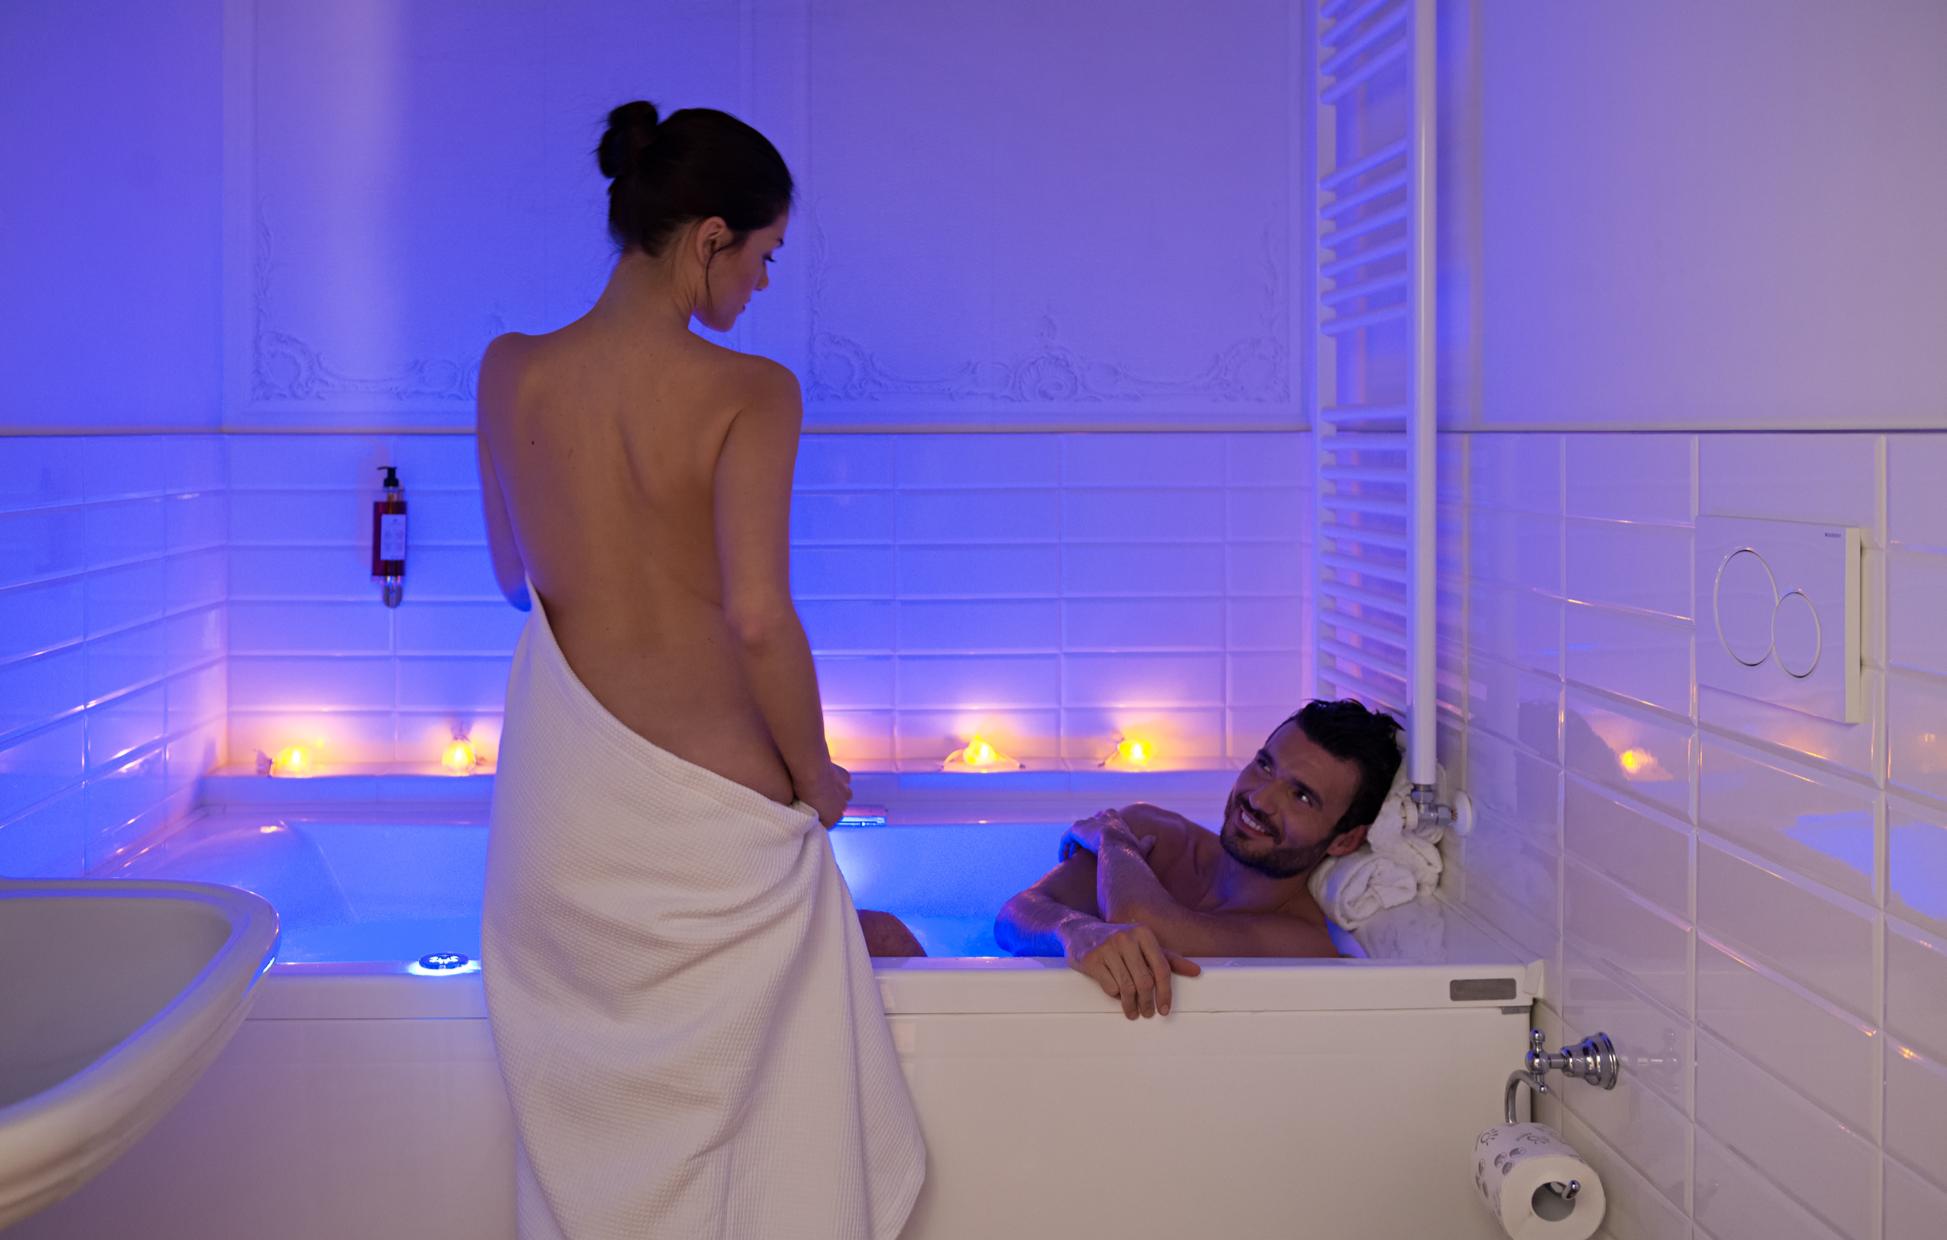 romantische-tage-bei-venedig-fuer-2-bg4